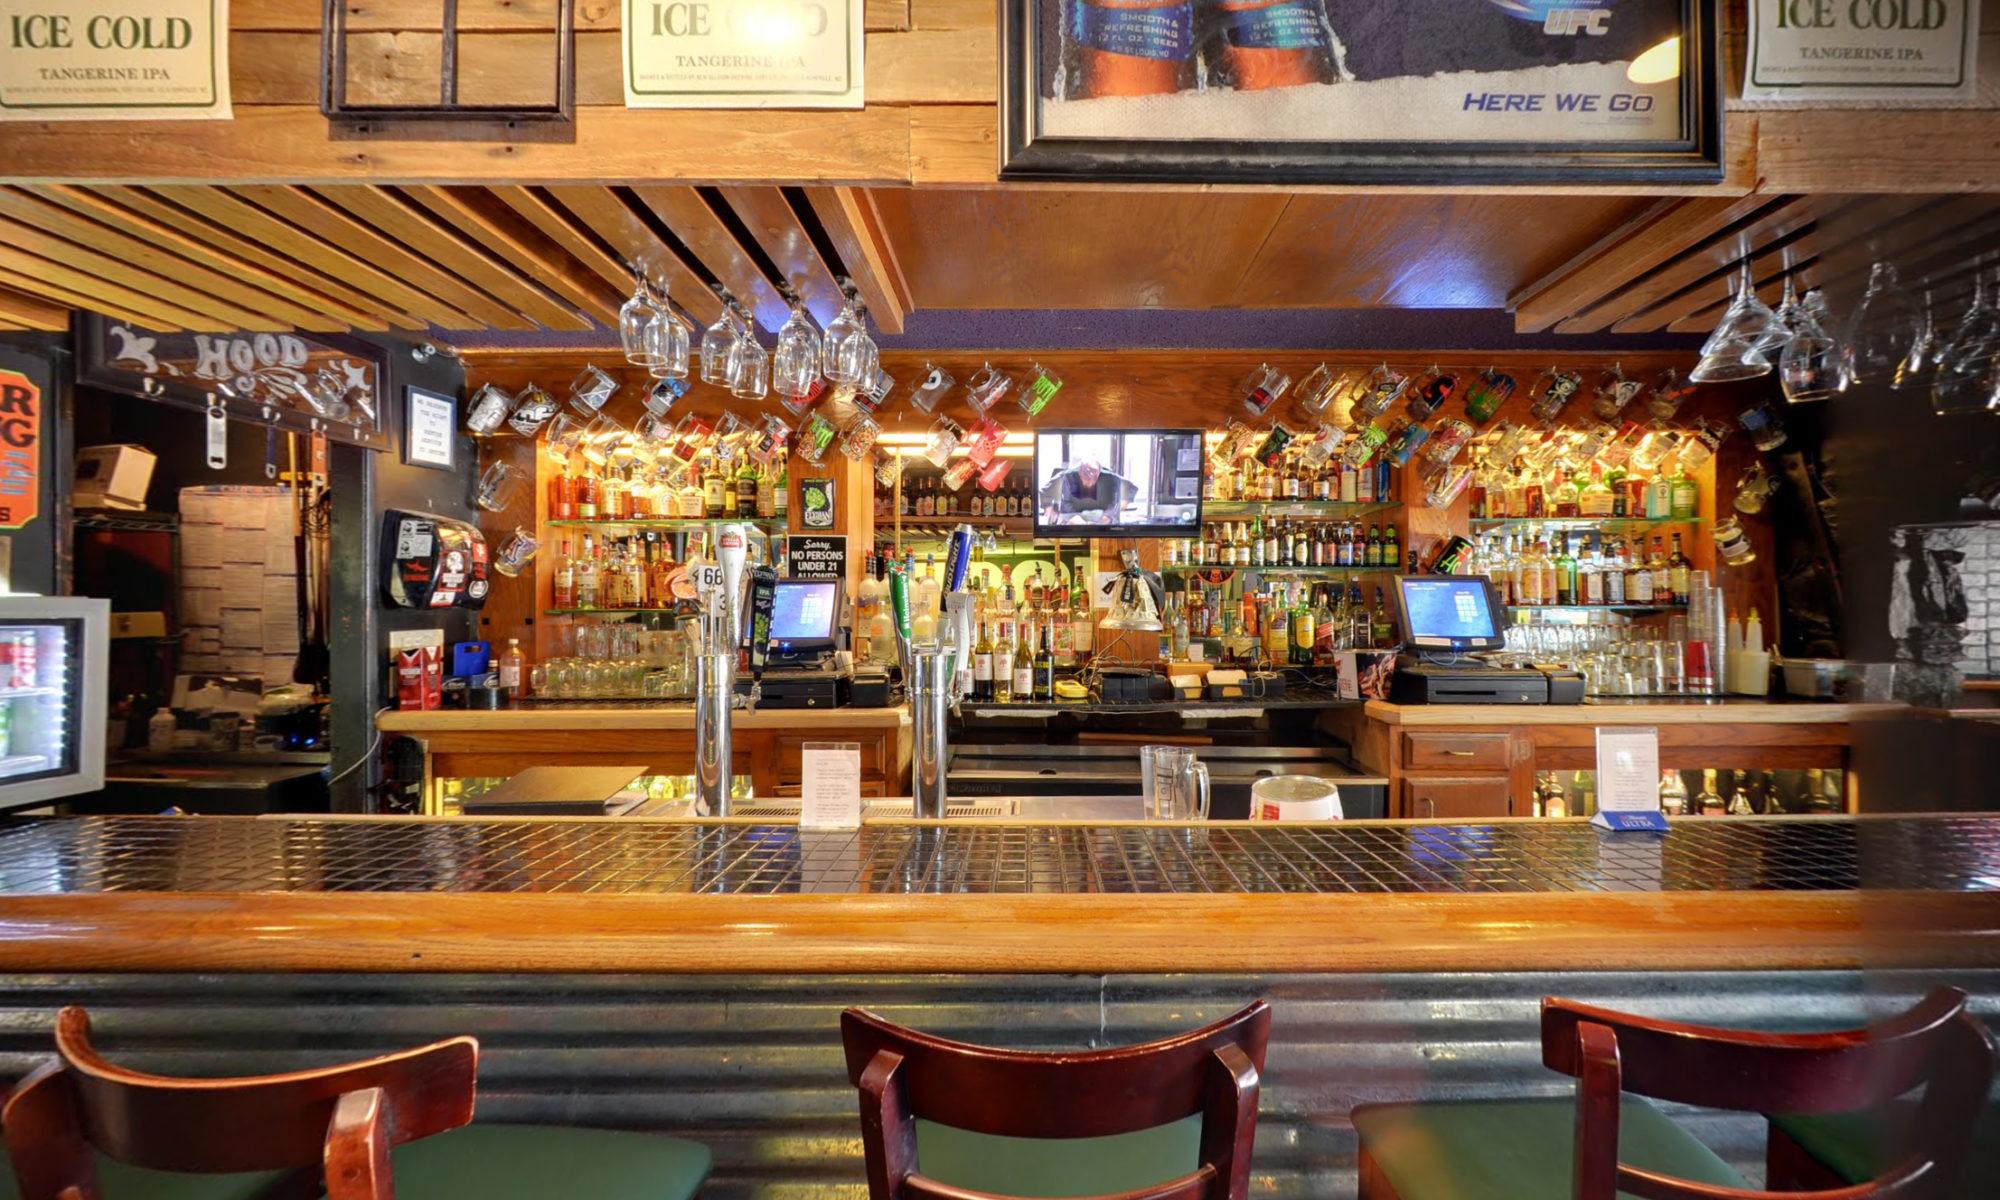 Hood Bar and Pizza